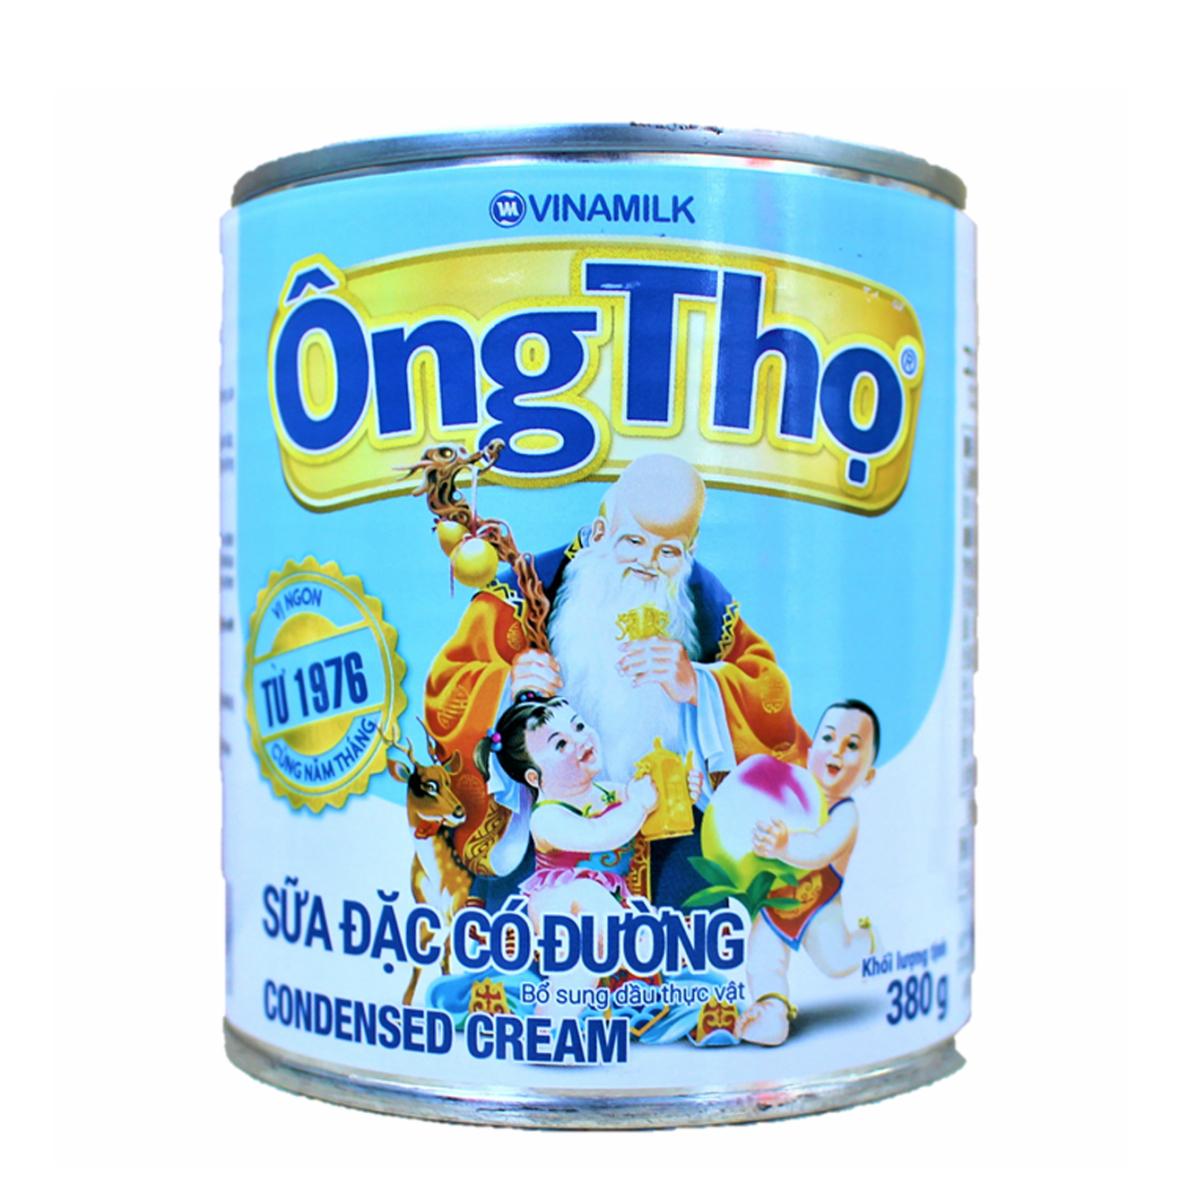 ベトナムコーヒーの必須アイテム OngTho VINAMILK ヴィナミルク 380gコンデンスクリーム ベトナム - NG お得セット 380 gam まとめ買い特価 食品S?A TH?